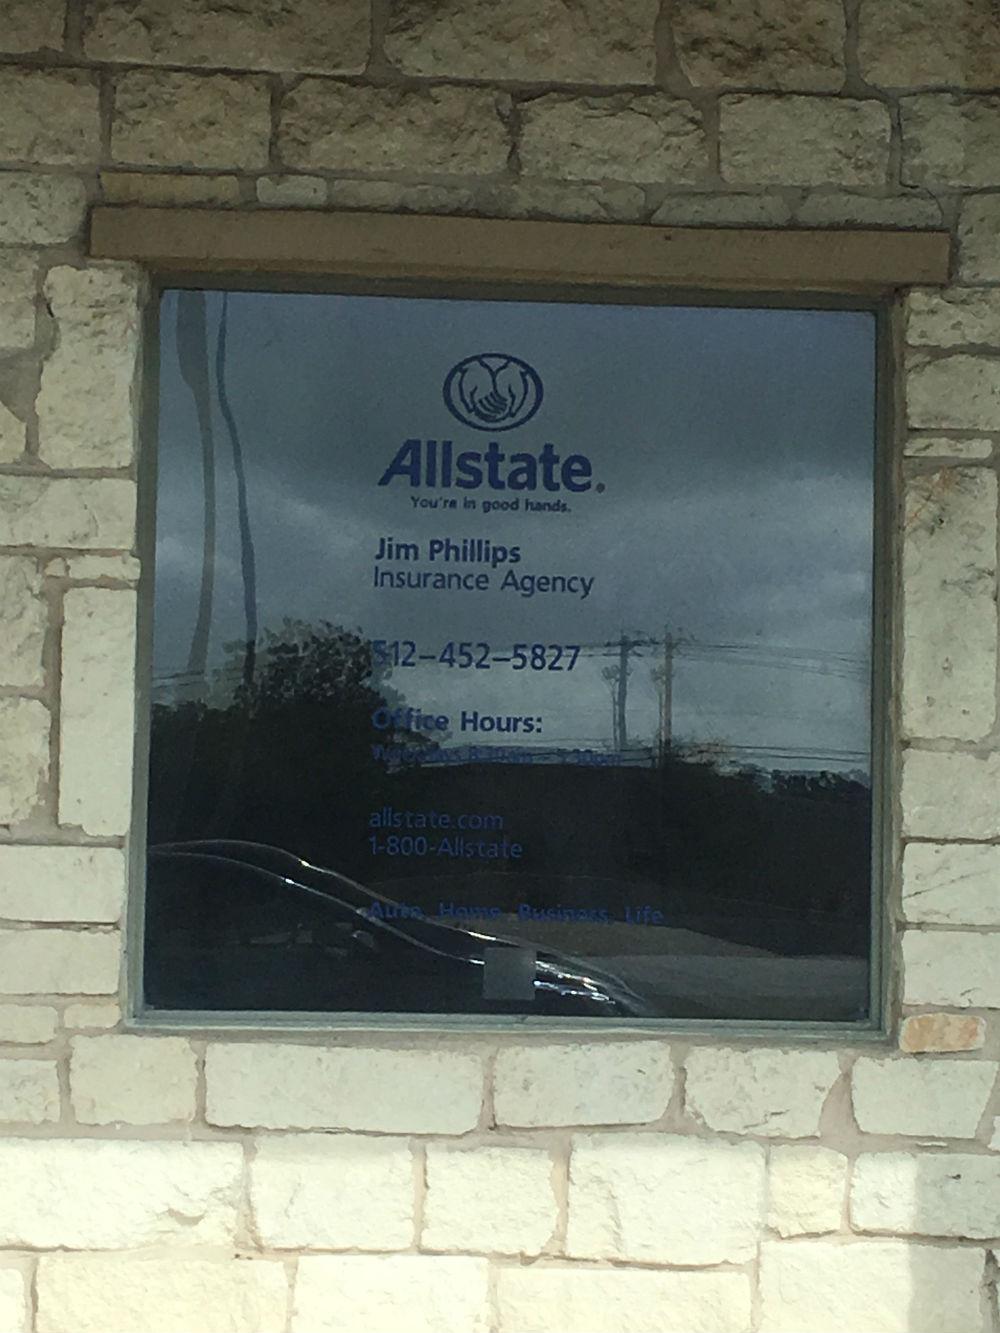 Jim Phillips: Allstate Insurance